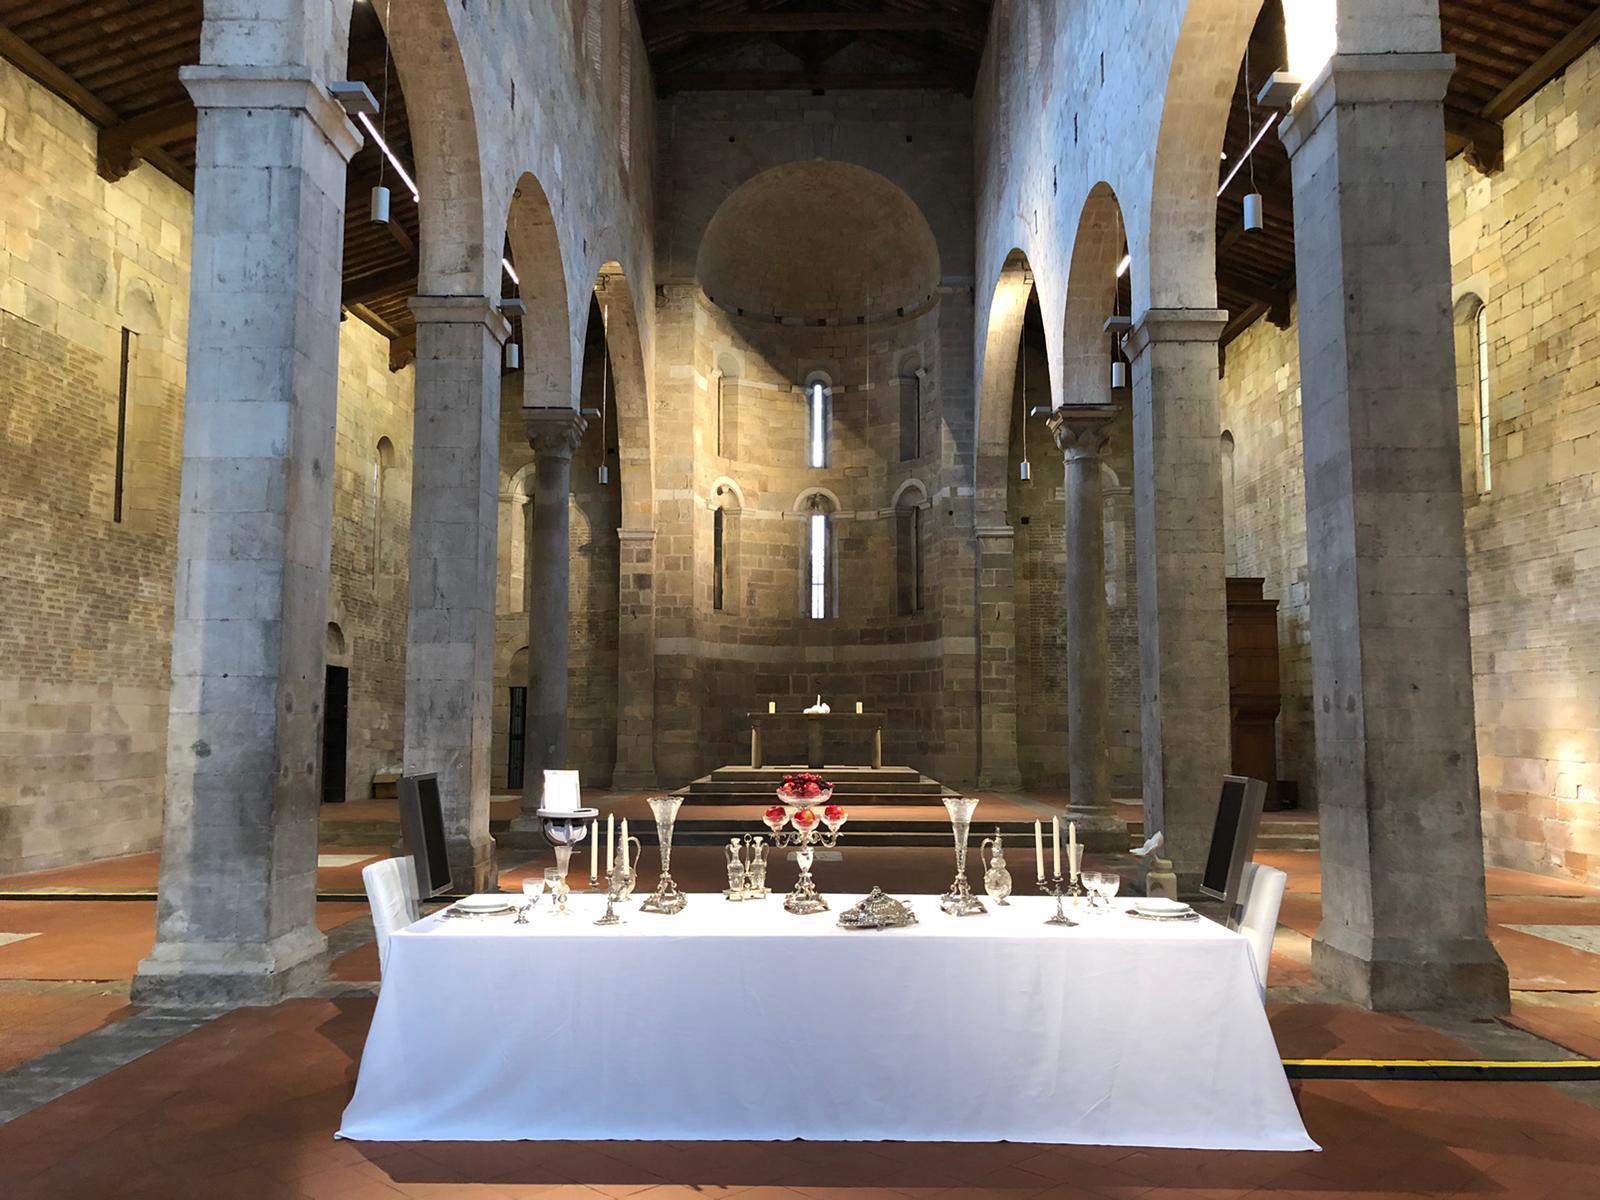 Una cena dentro una chiesa di Lucca. È l'opera di Rachel Lee Hovnanian contro le derive tecnologiche